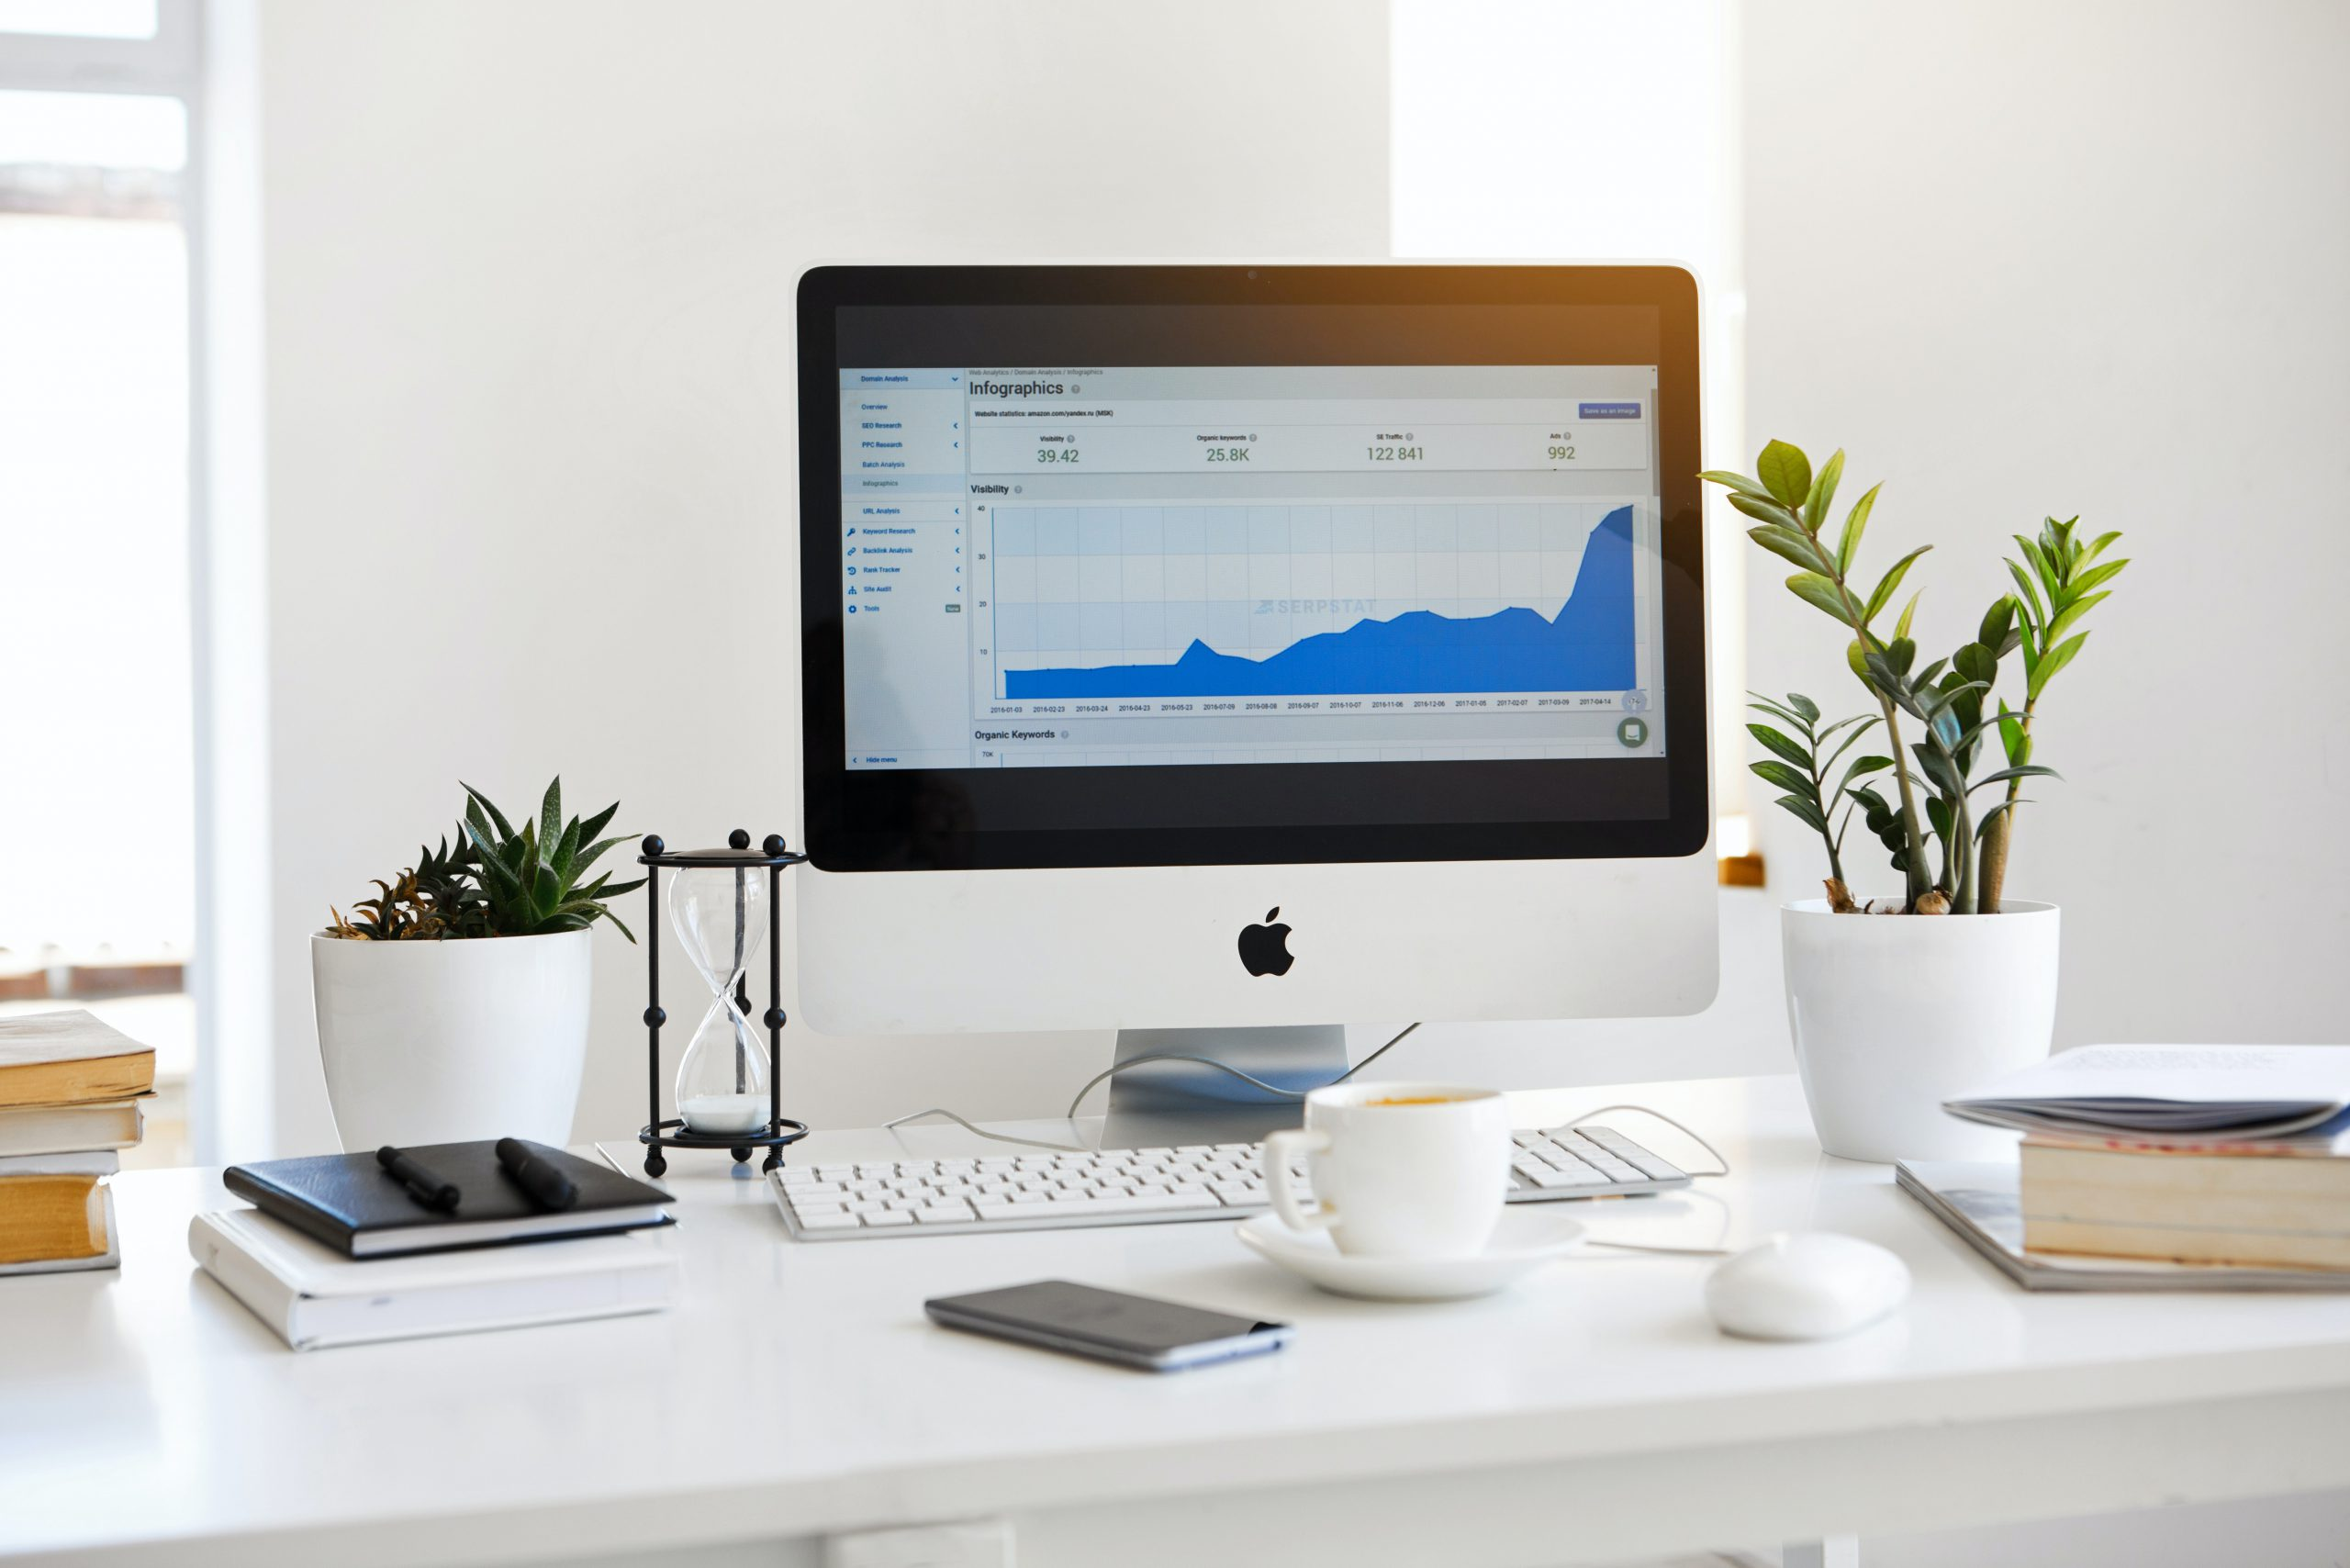 Monitor mostrando o Analytics de uma empresa